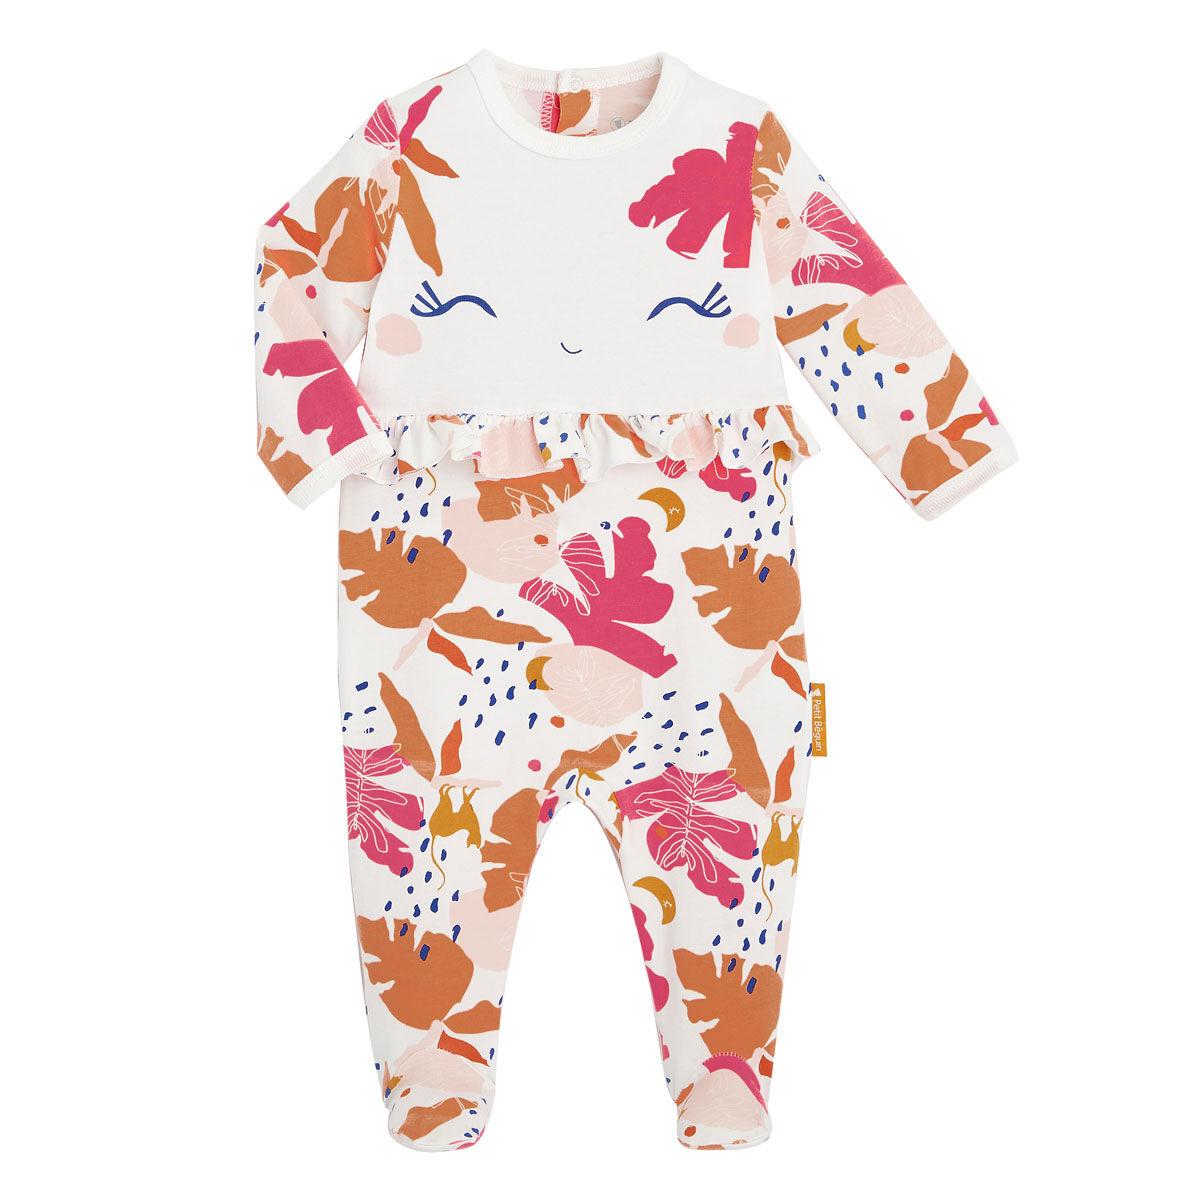 Petit Béguin Pyjama bébé contenant du coton bio Perle de Lune - Taille - 12 mois